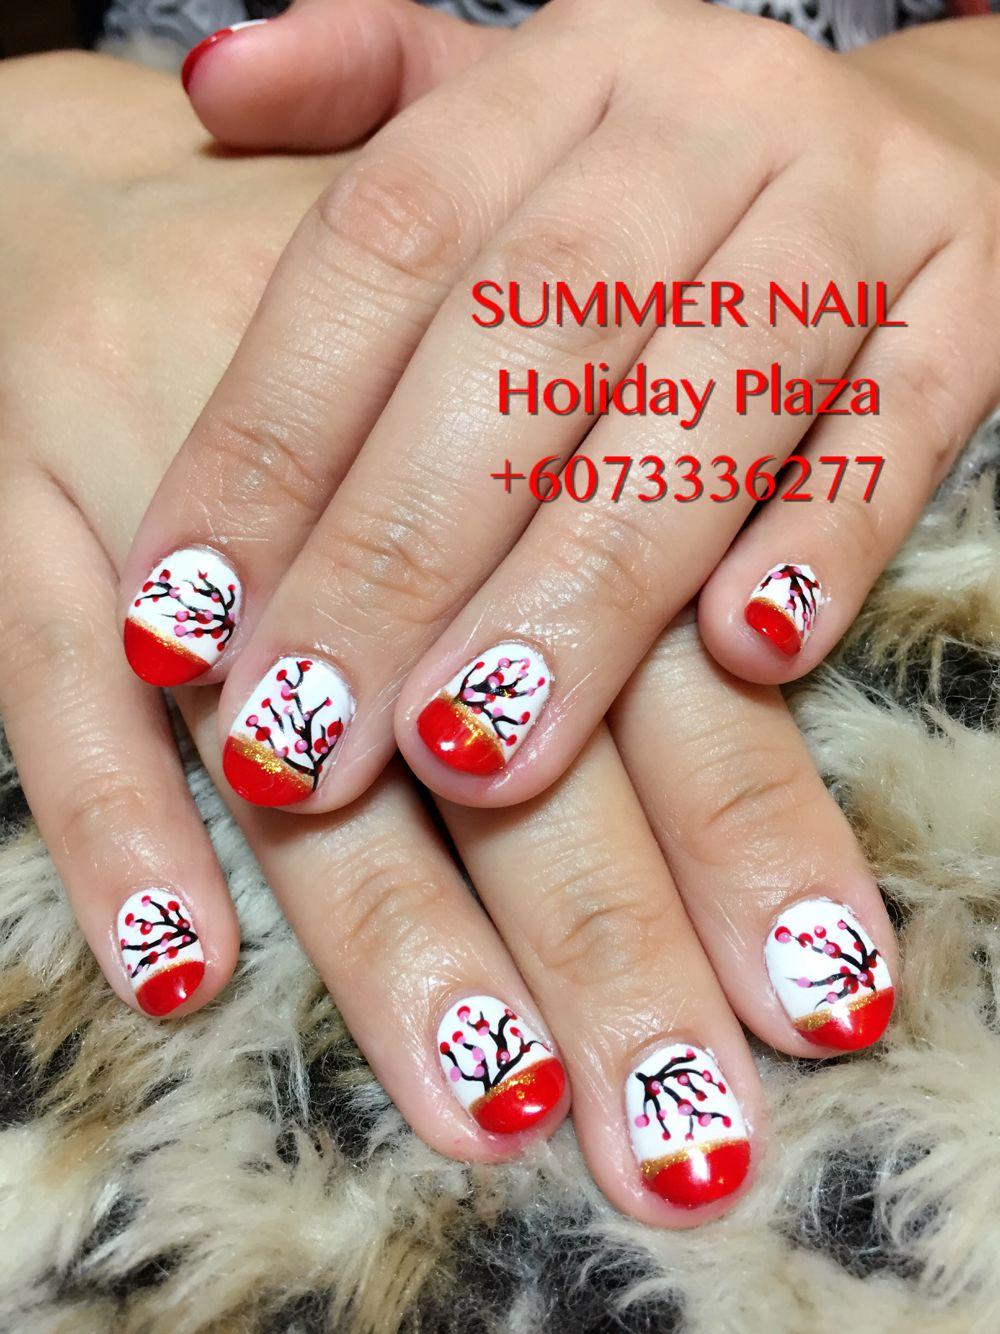 Summer Nail Summer Nails Nails Gel Pedicure